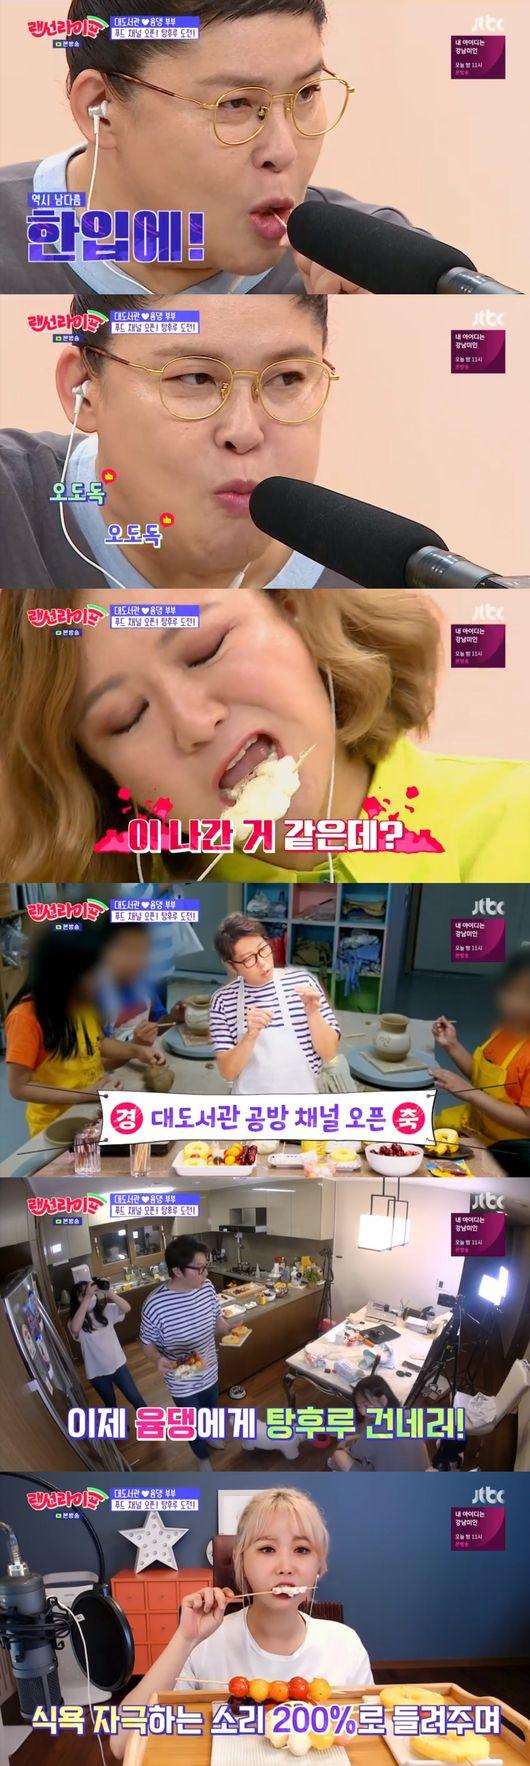 [종합] '랜선라이프' 이영자X김숙 ASMR 도전+밴쯔 25만원 해신탕 먹방